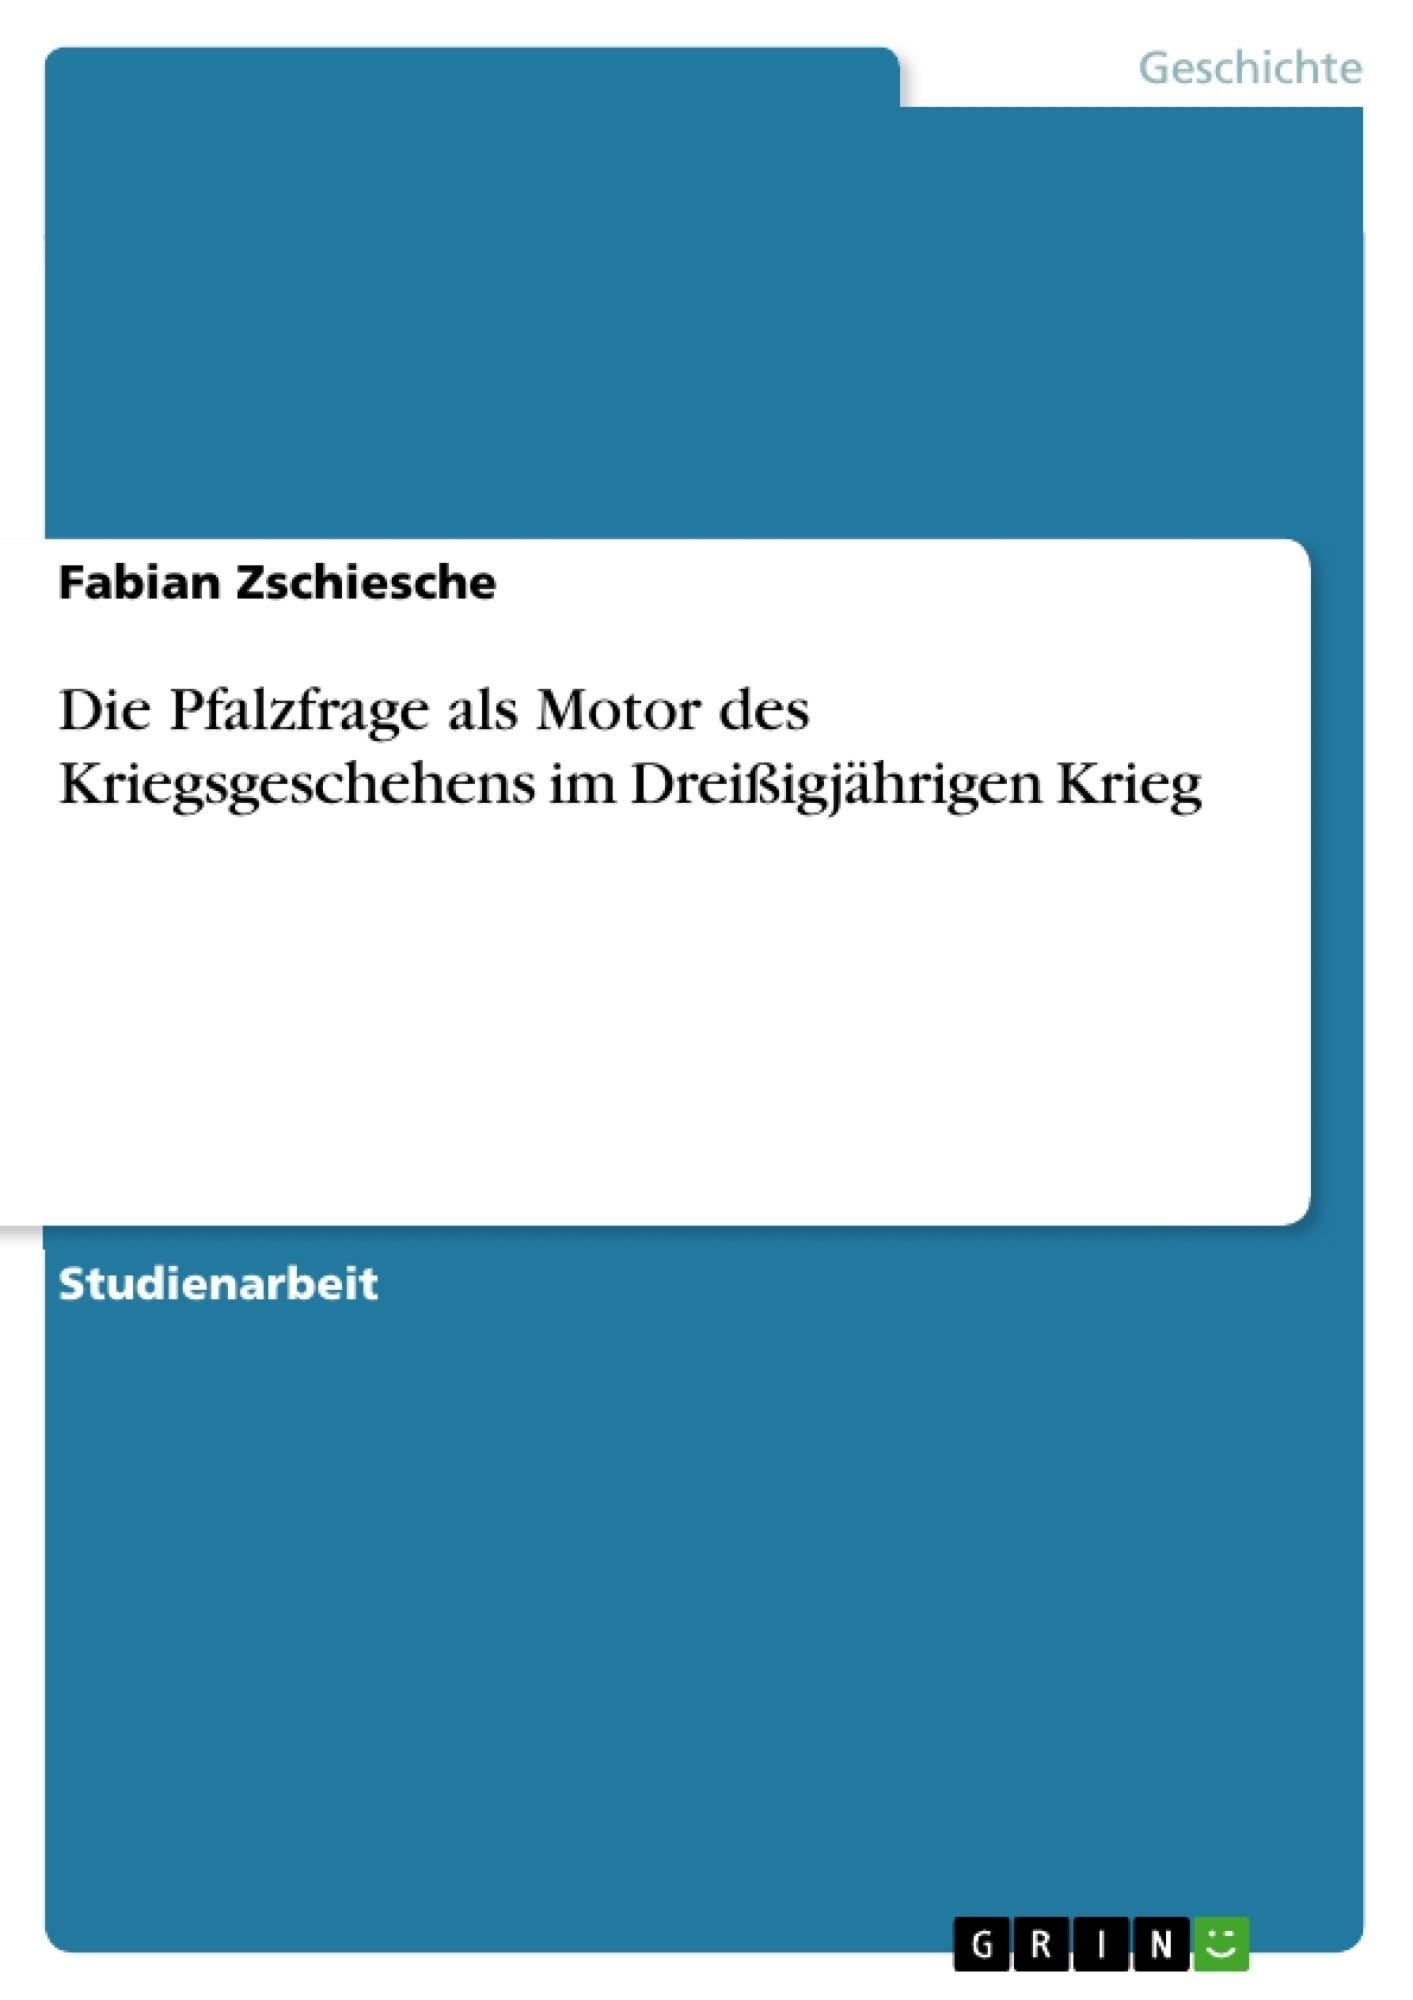 Titel: Die Pfalzfrage als Motor des Kriegsgeschehens im Dreißigjährigen Krieg